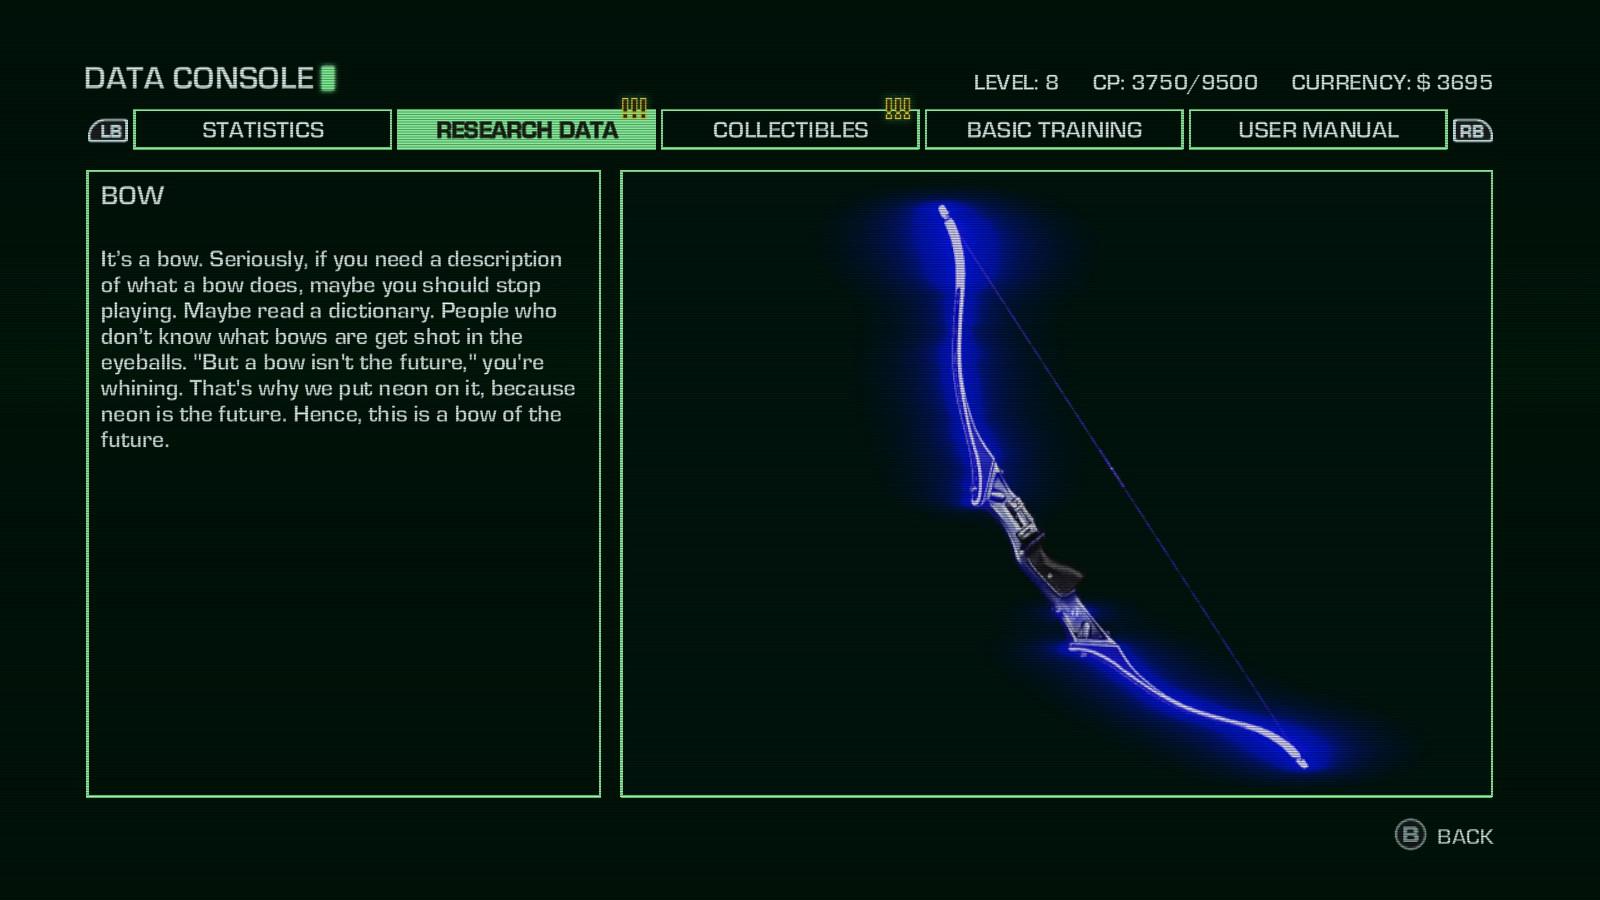 """映画『トロン』の影響をあらわす一例として、『Far Cry 3: Blood Dragon』に登場する弓を紹介する。 「""""弓は未来ではない""""と君は考えるだろう。だからネオンをつけた。ネオンは未来だ。ゆえにこの弓は未来だ」 ネオンは未来のメタファーとして用いられている。"""